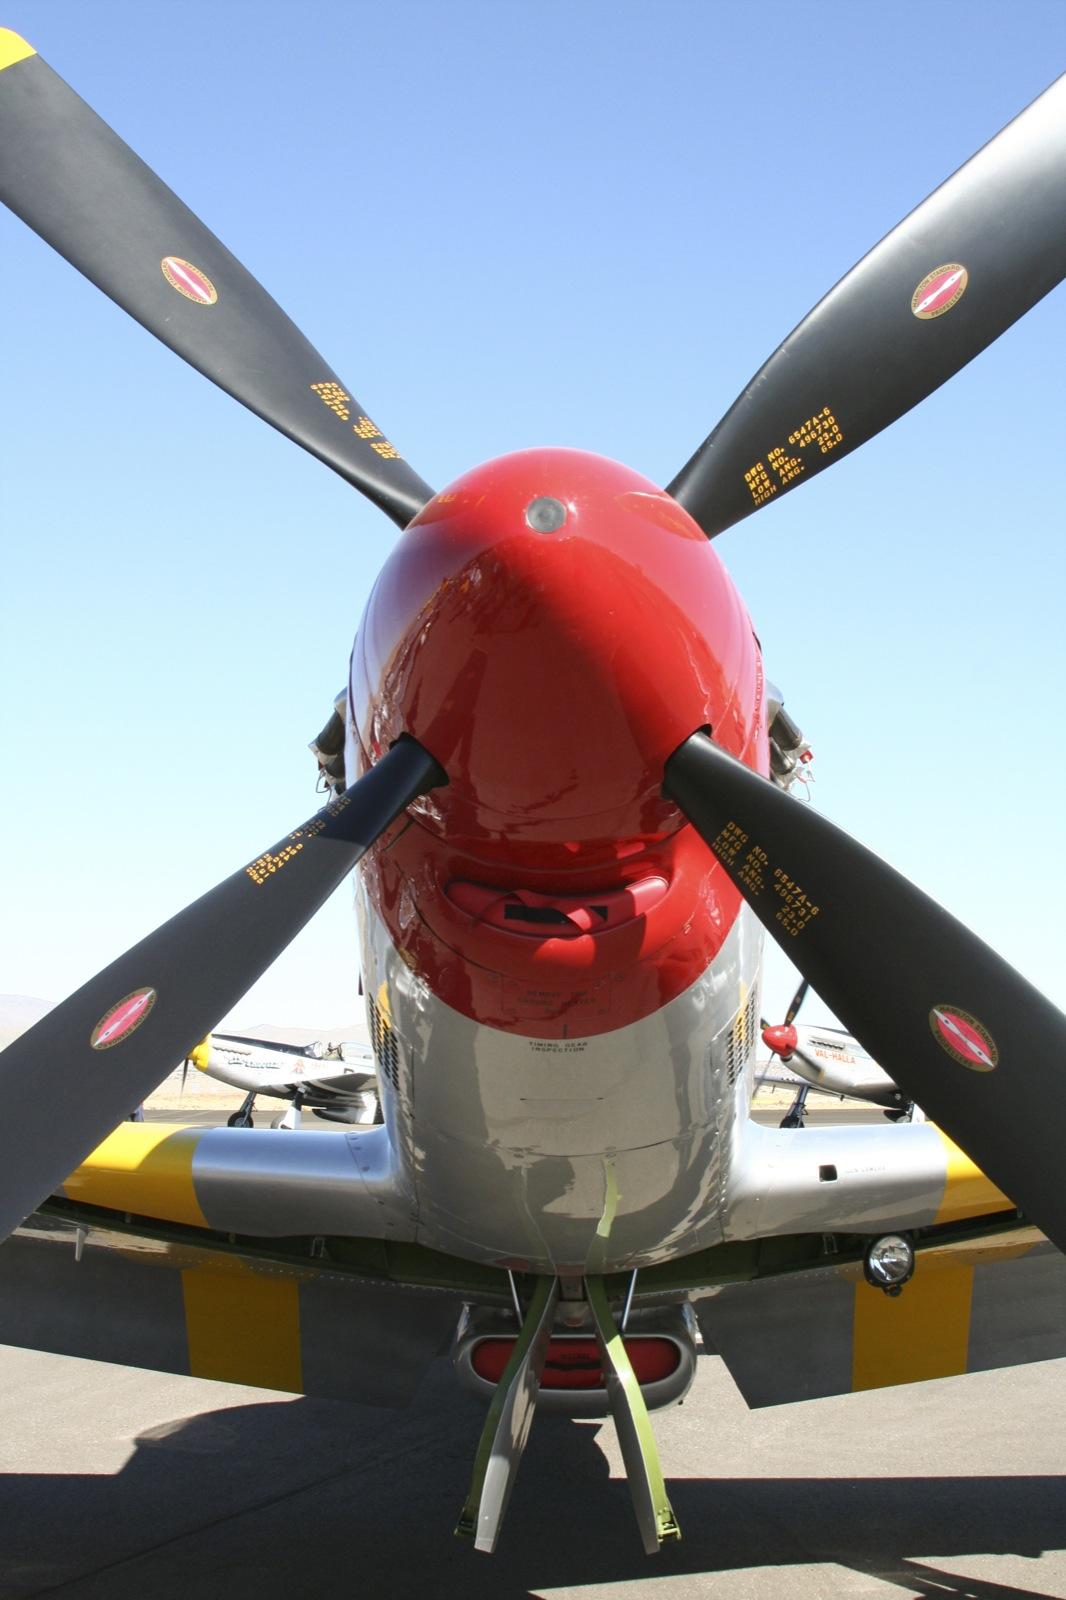 Spinner (aeronautics) - Wikipedia